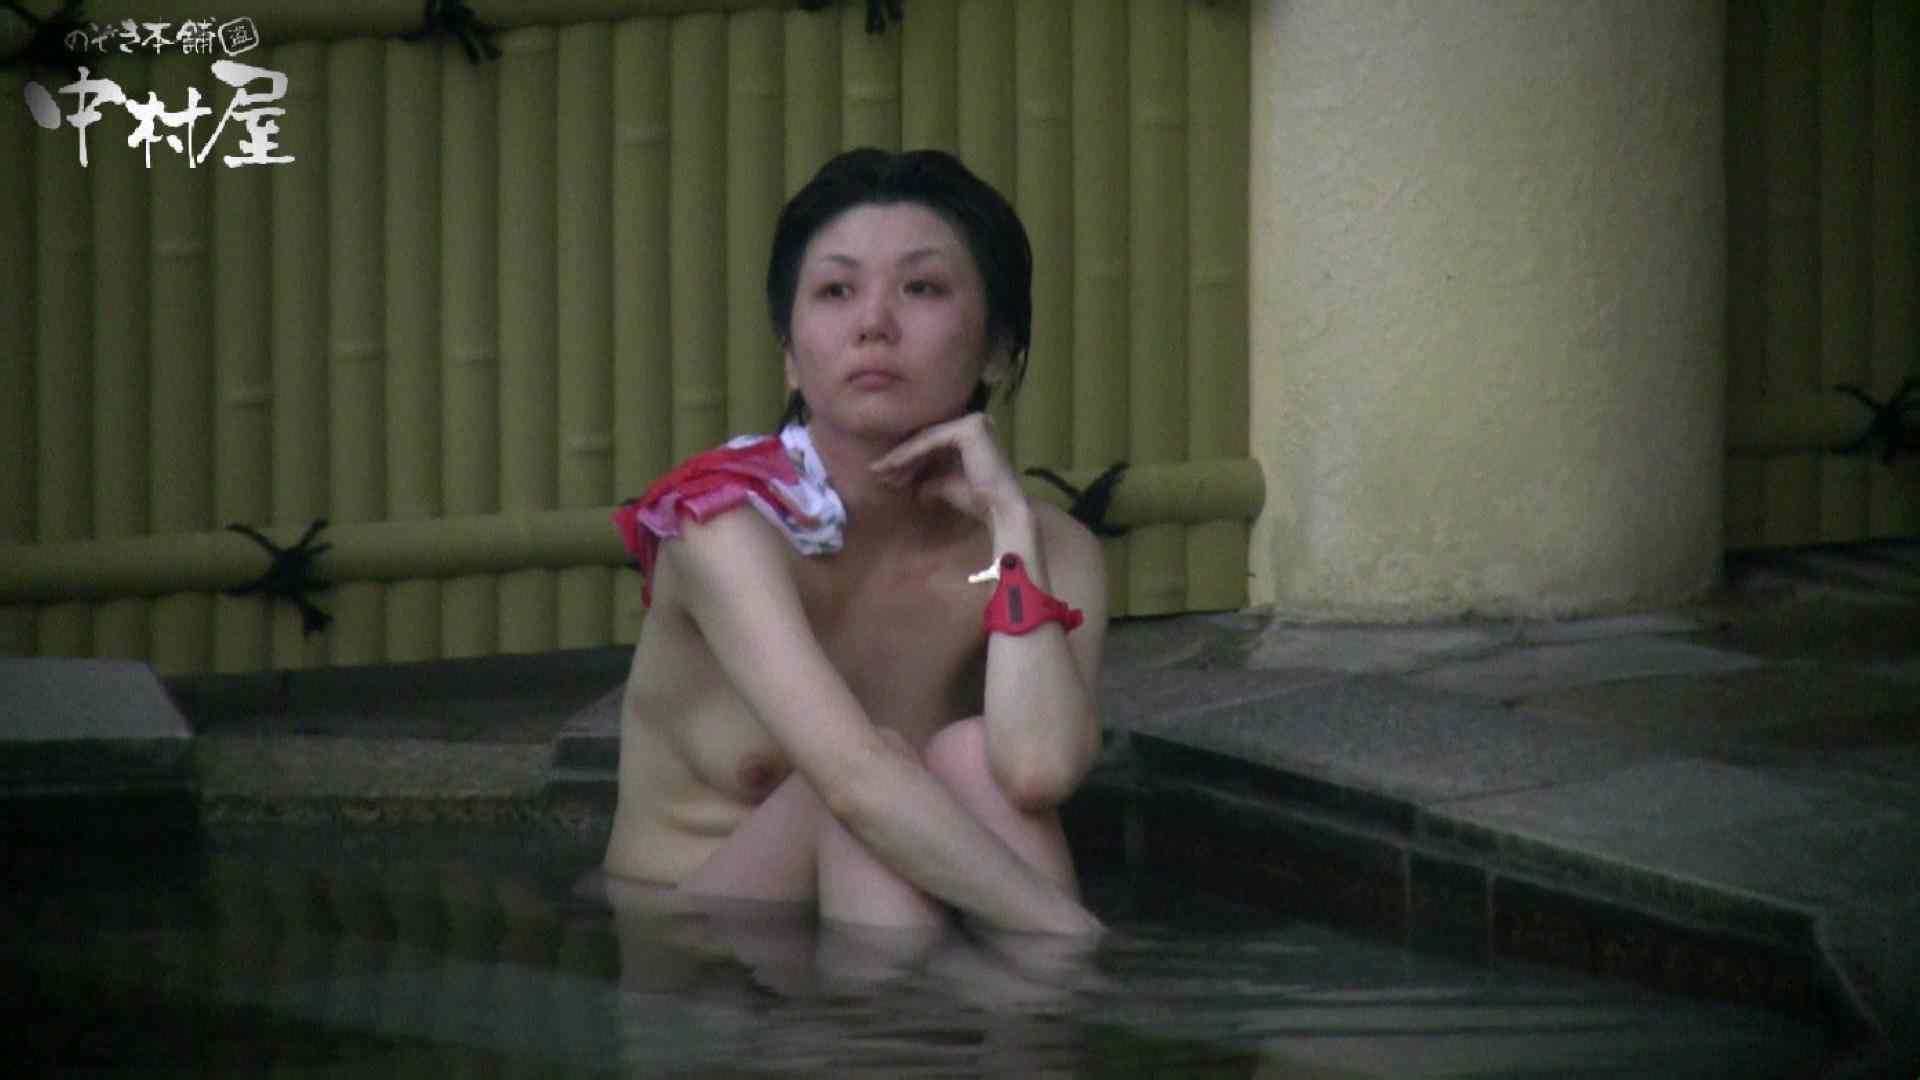 Aquaな露天風呂Vol.884 盗撮特集 | 露天  66画像 60